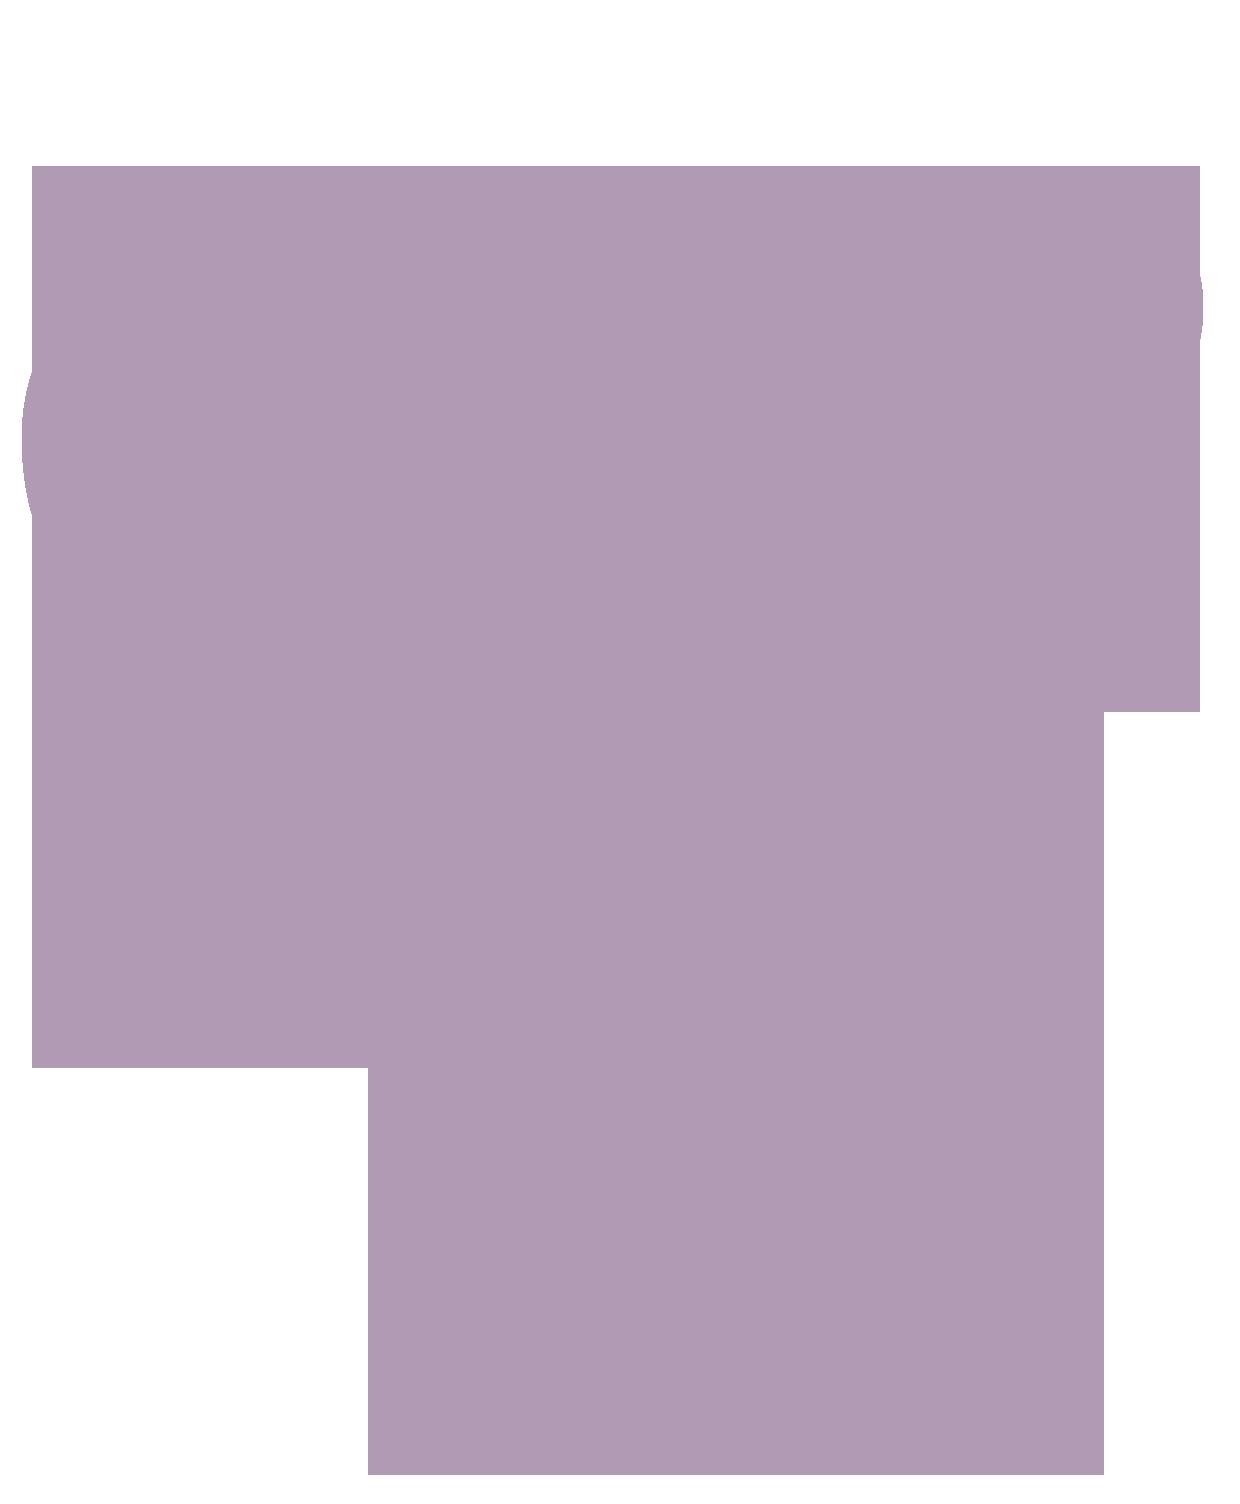 bc_logo-purp.png